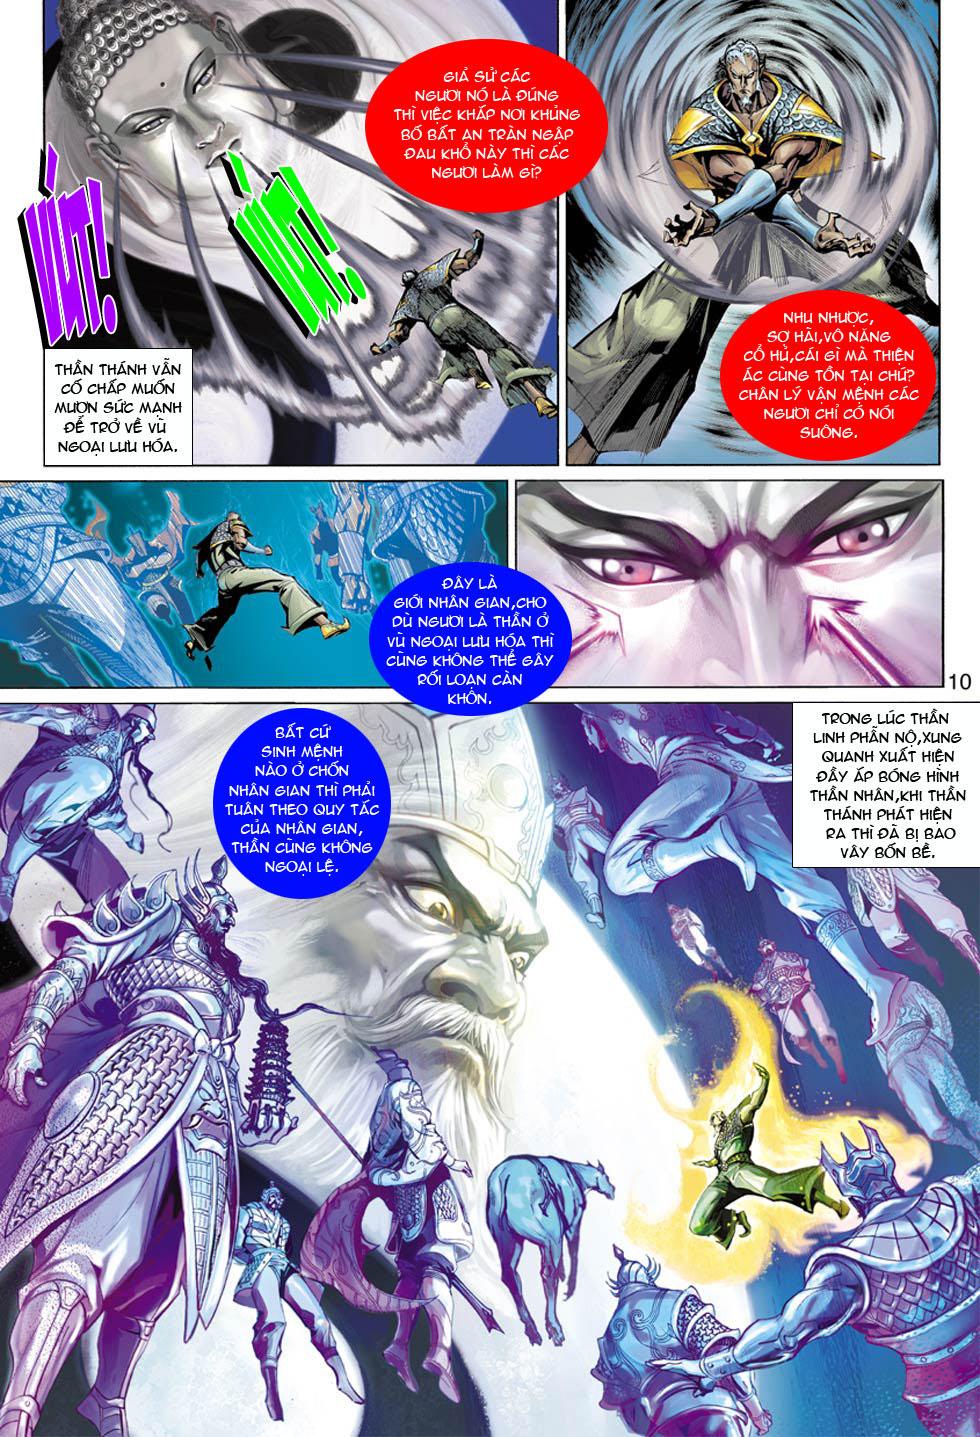 Thần Binh 4 chap 12 - Trang 11